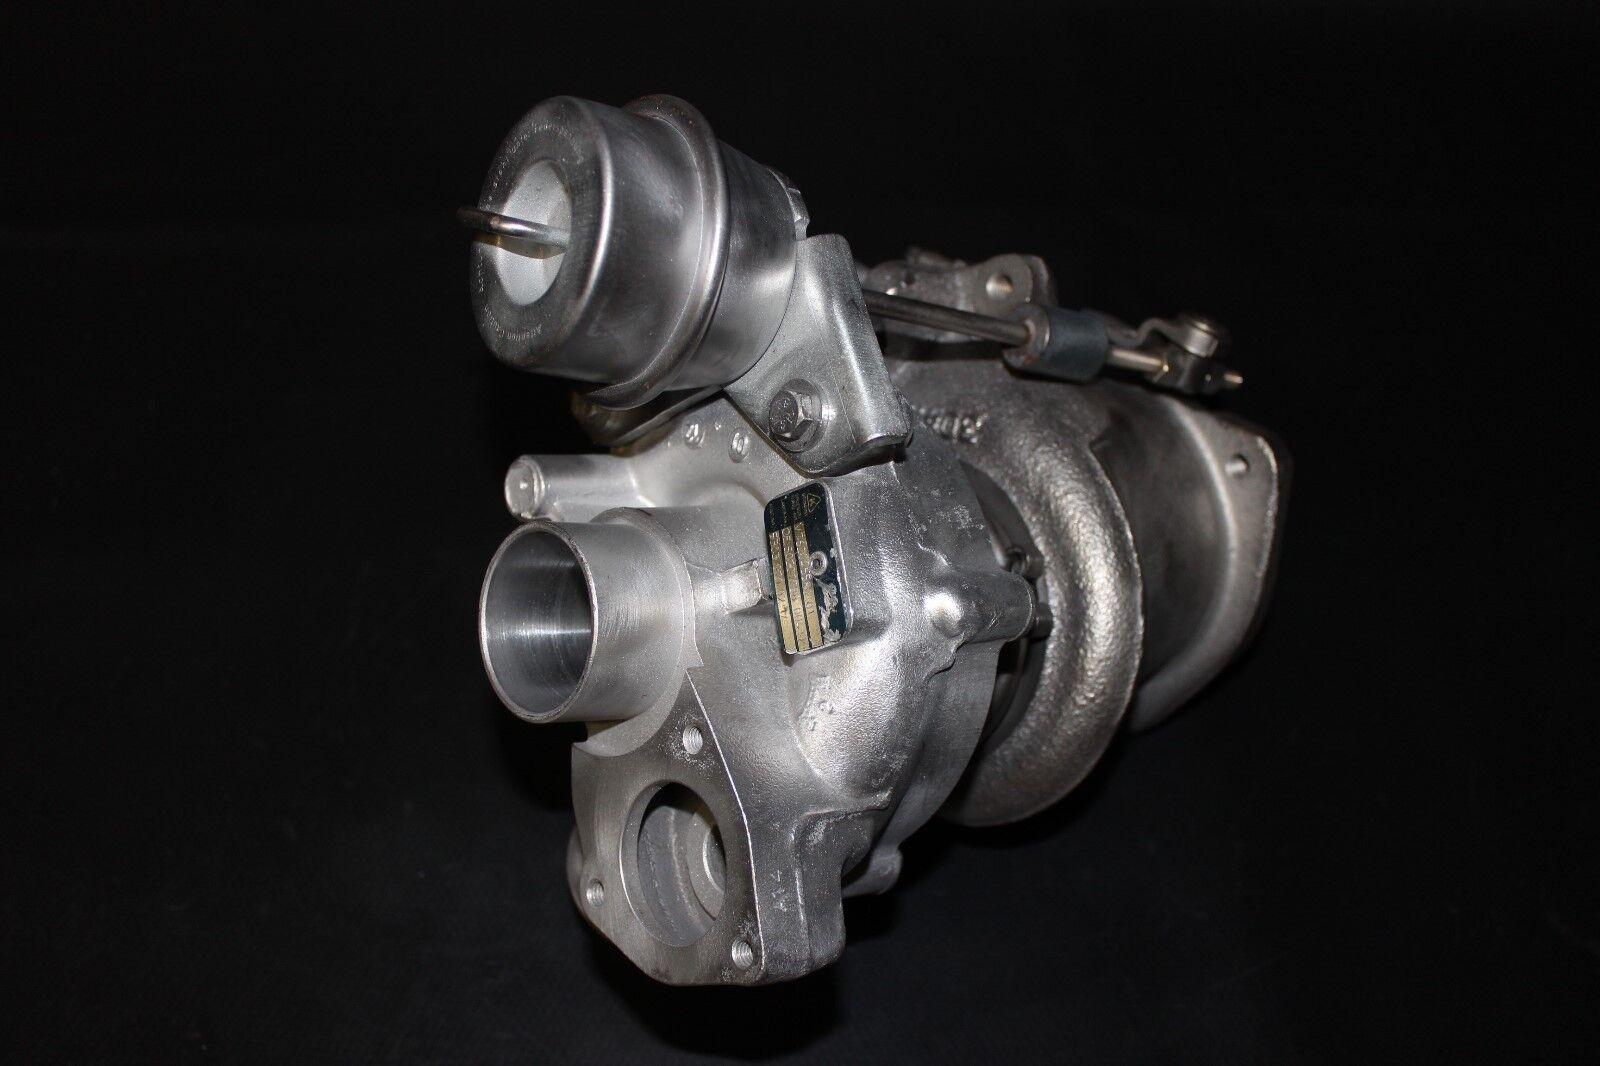 ORIGINAL Turbolader Citroen C4 DS 3 Peugeot 207 3008 5008 RCZ 1.6 THP C15